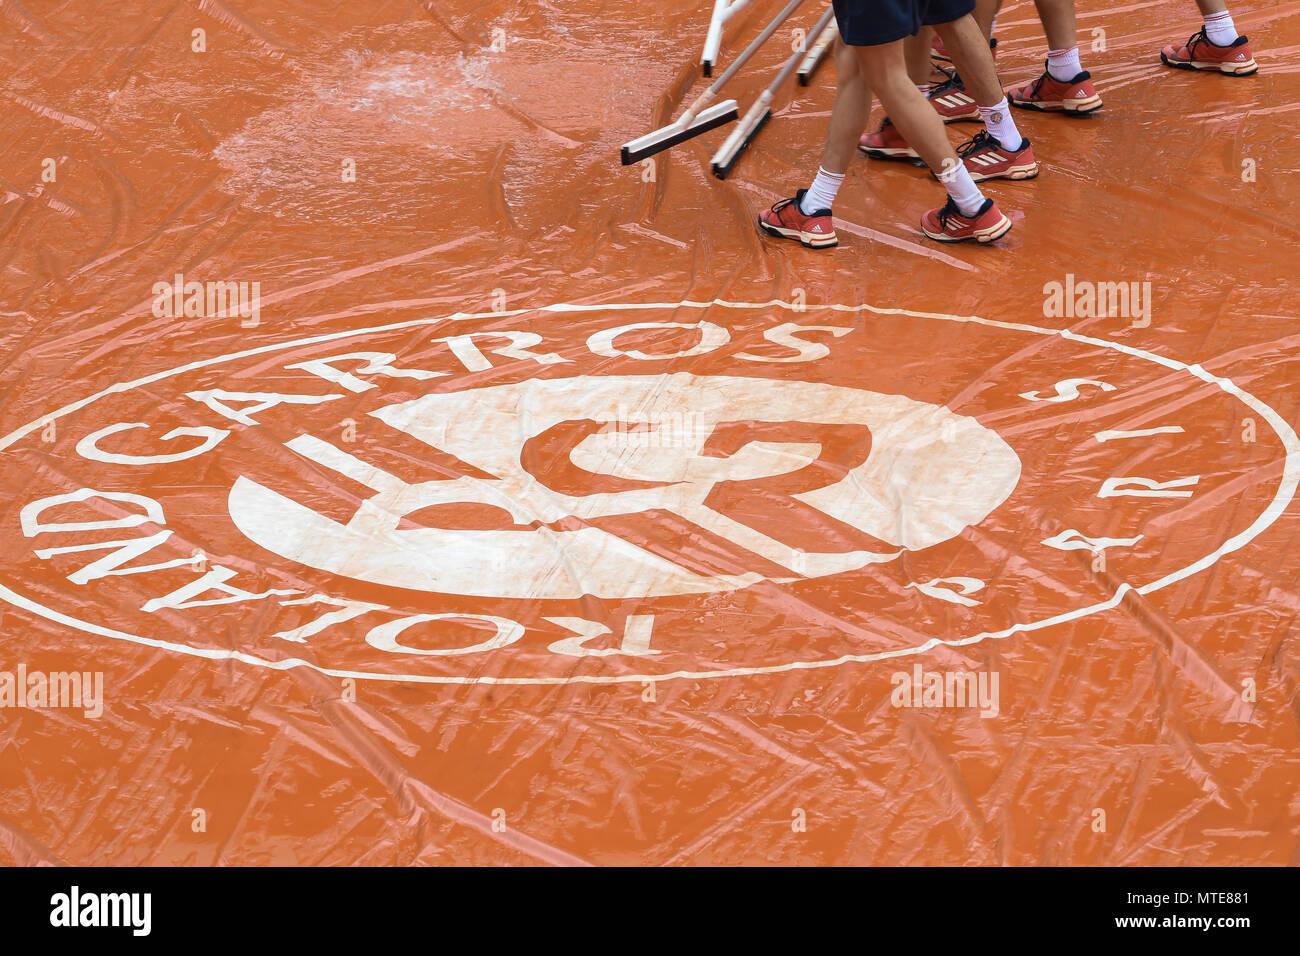 French Open 2018, Roland Garros, campo da tennis, pioggia Foto Stock